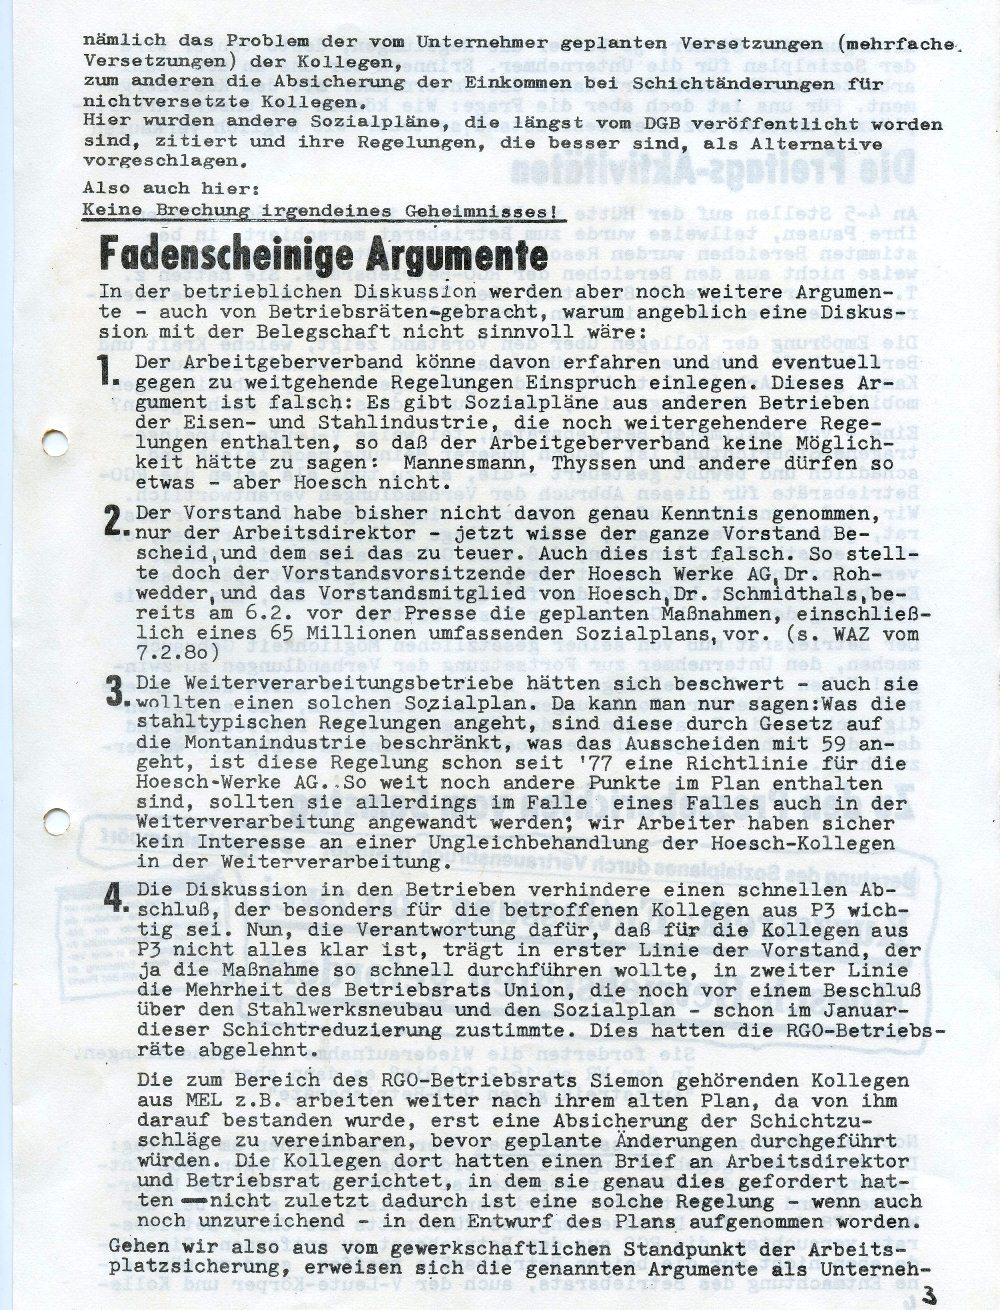 BG_Hoesch_RGO_Flugblatt_1980_03